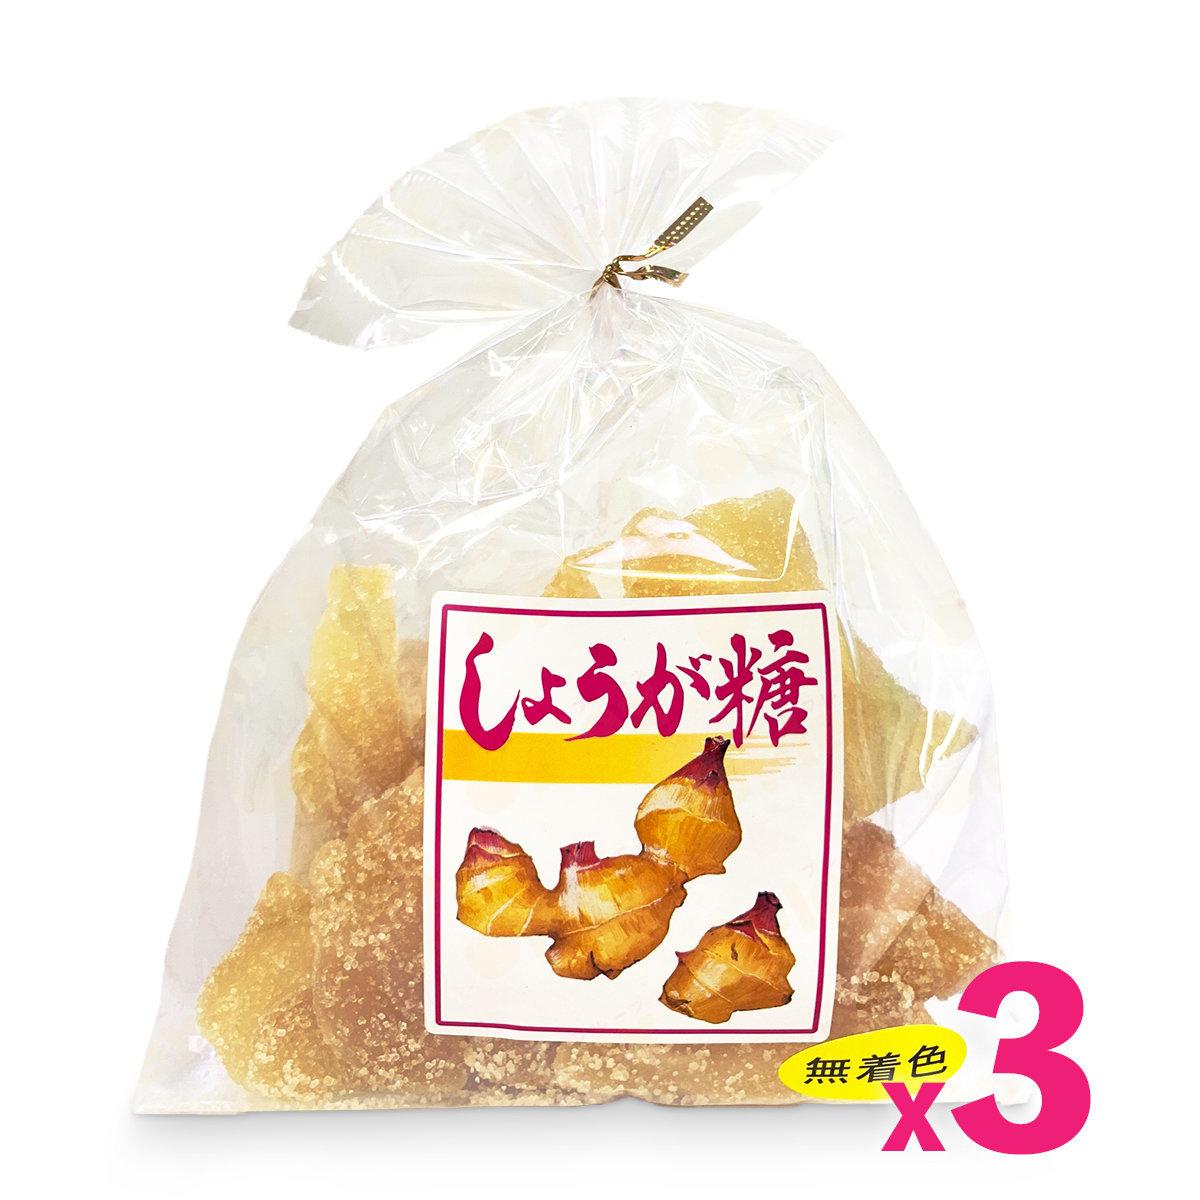 日本純天然生薑糖 (200克) x 3